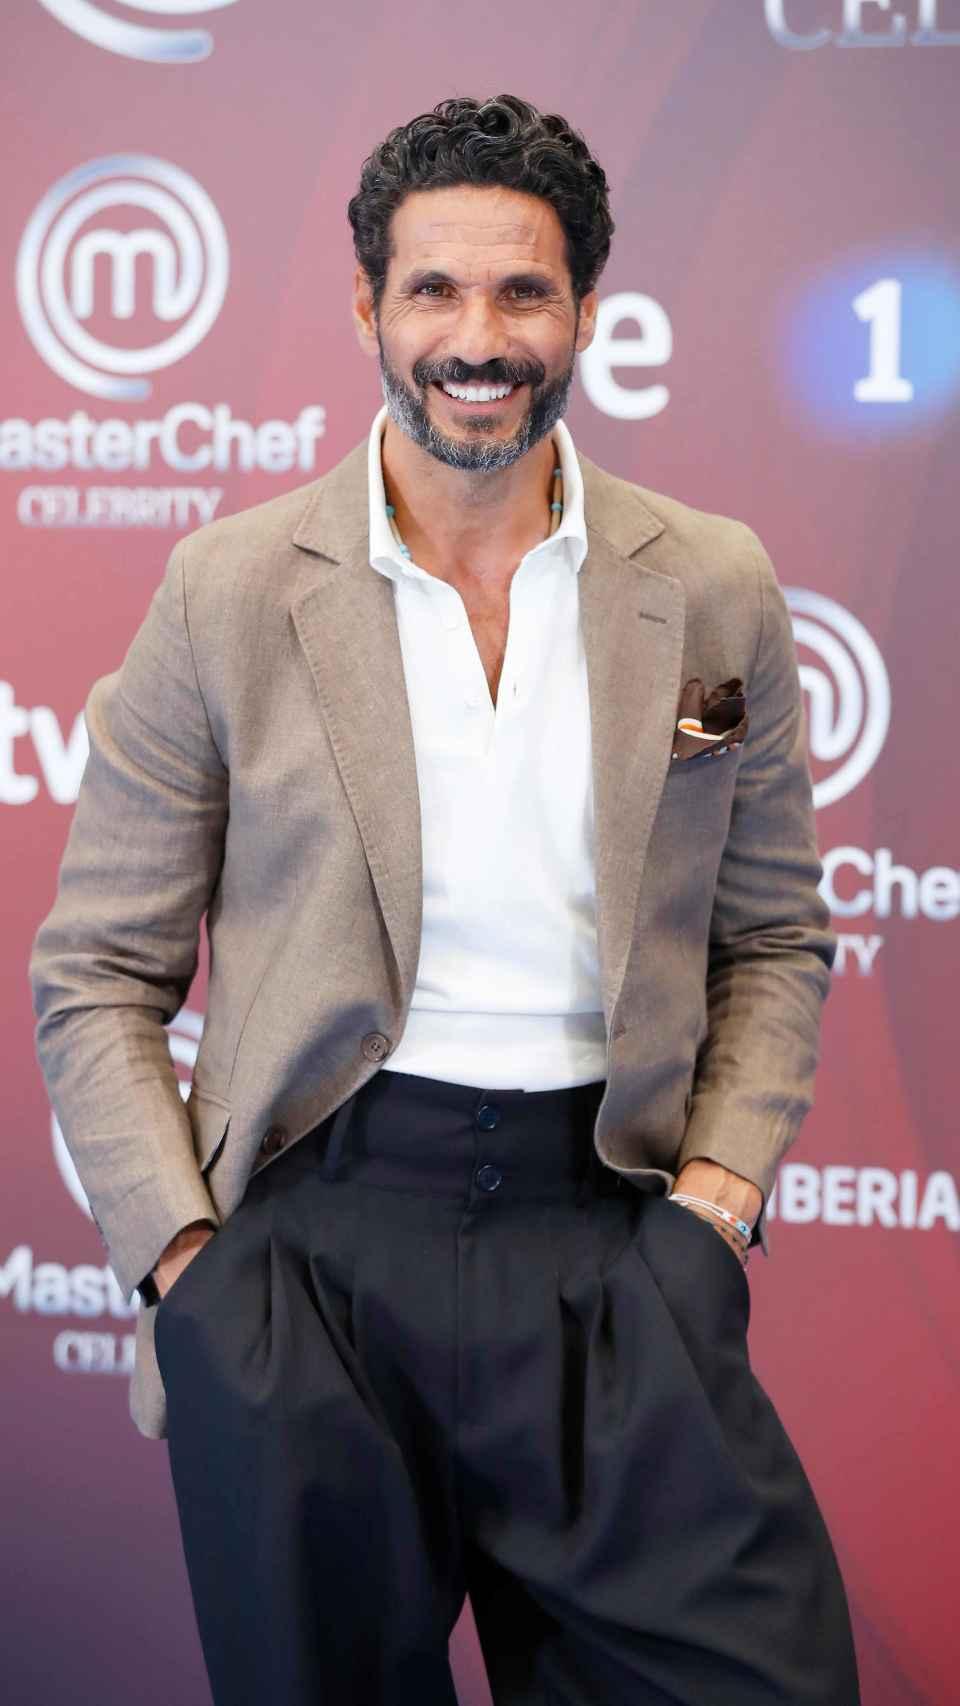 Óscar Higares en la presentación de 'MasterChef Celebrity'.